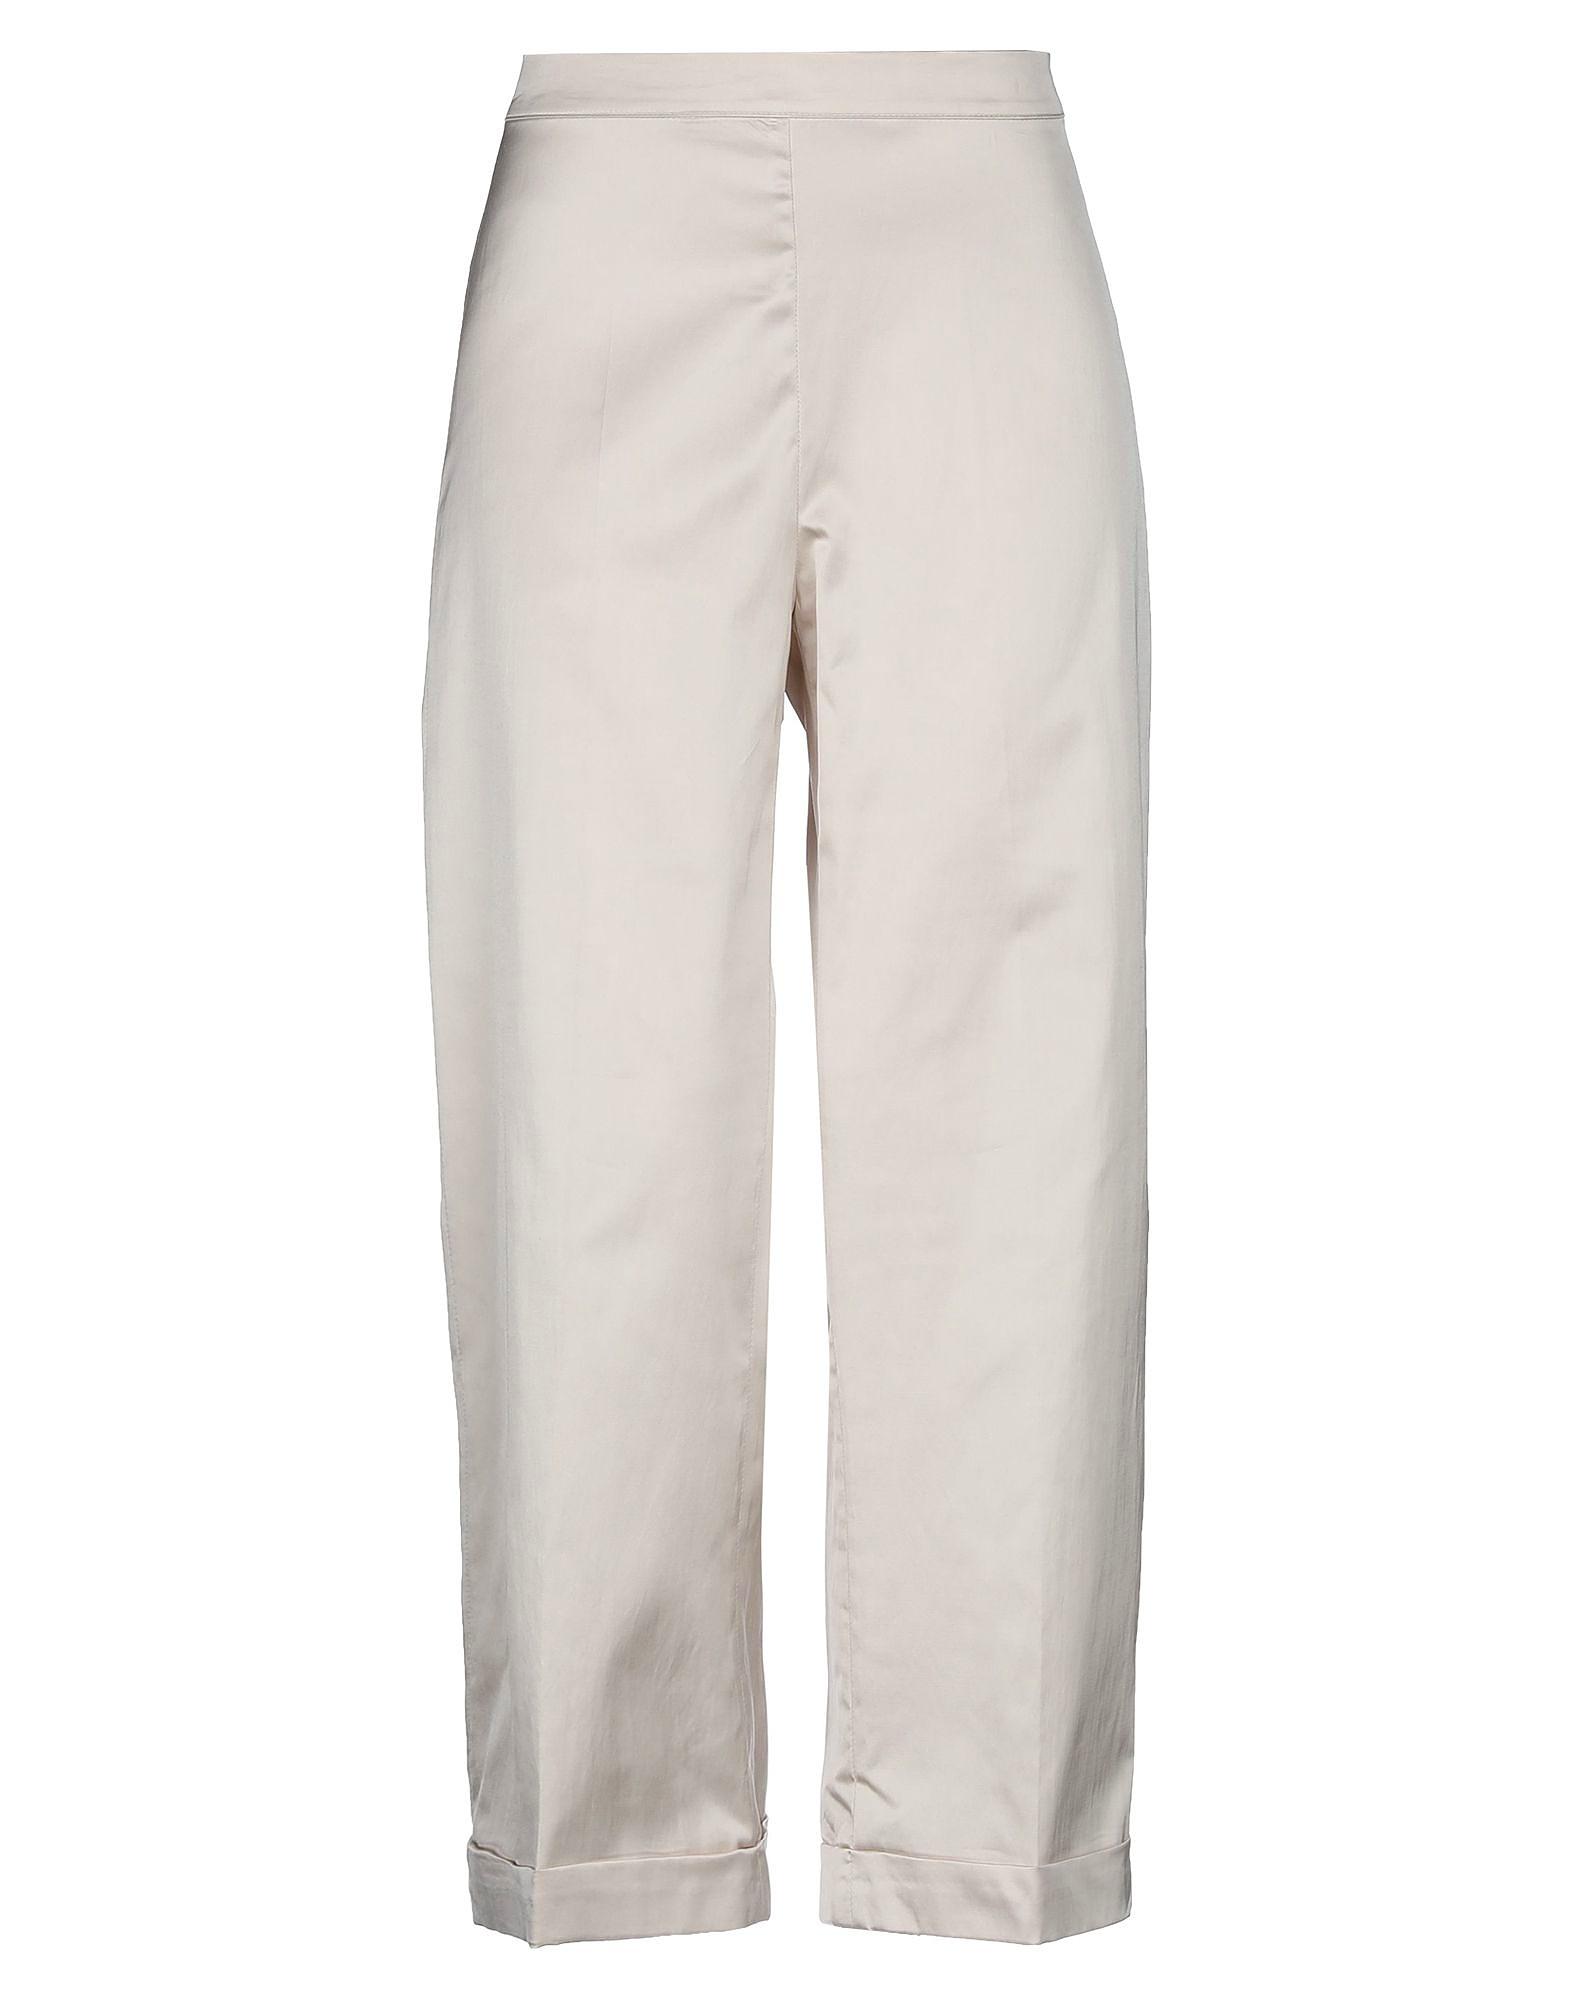 pantalone in tela di cotone DIANA GALLESI | Pantaloni | P107R0074102